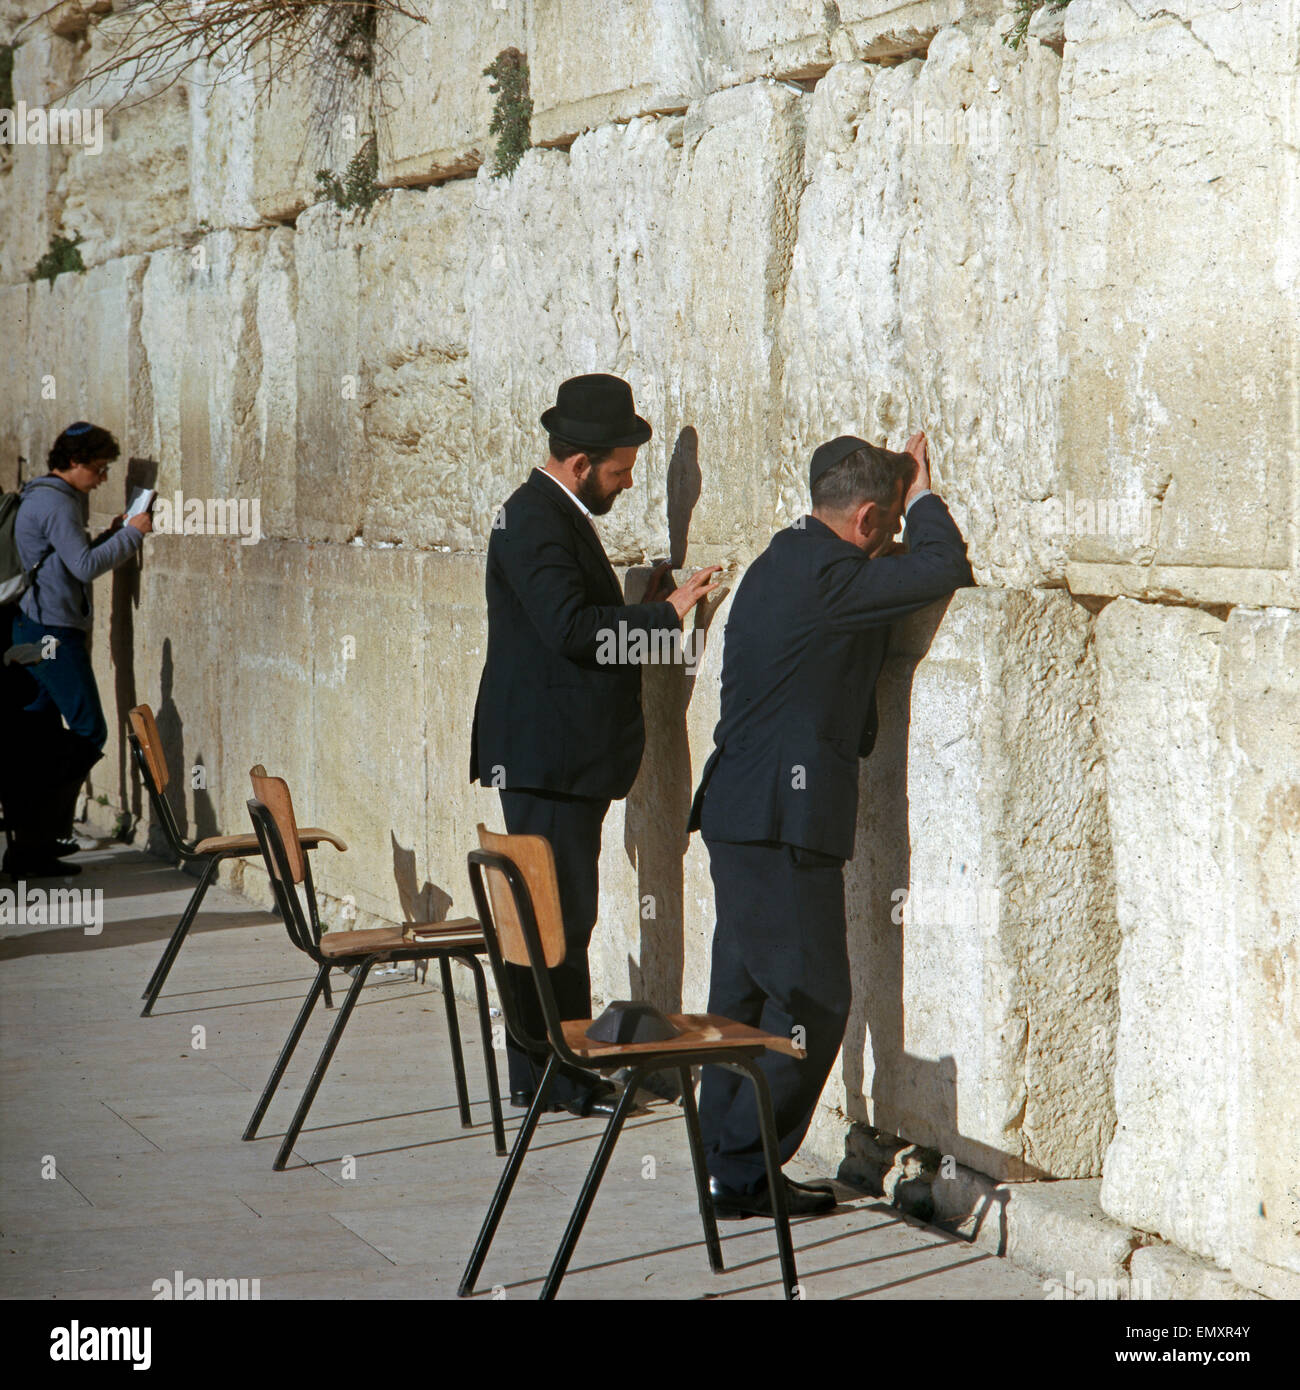 Orthodoxen Und Juden eine der Klagemauer in Jerusalem, Israel Ende 1970er Jahre. Juden an der Klagemauer von Jerusalem, Stockbild